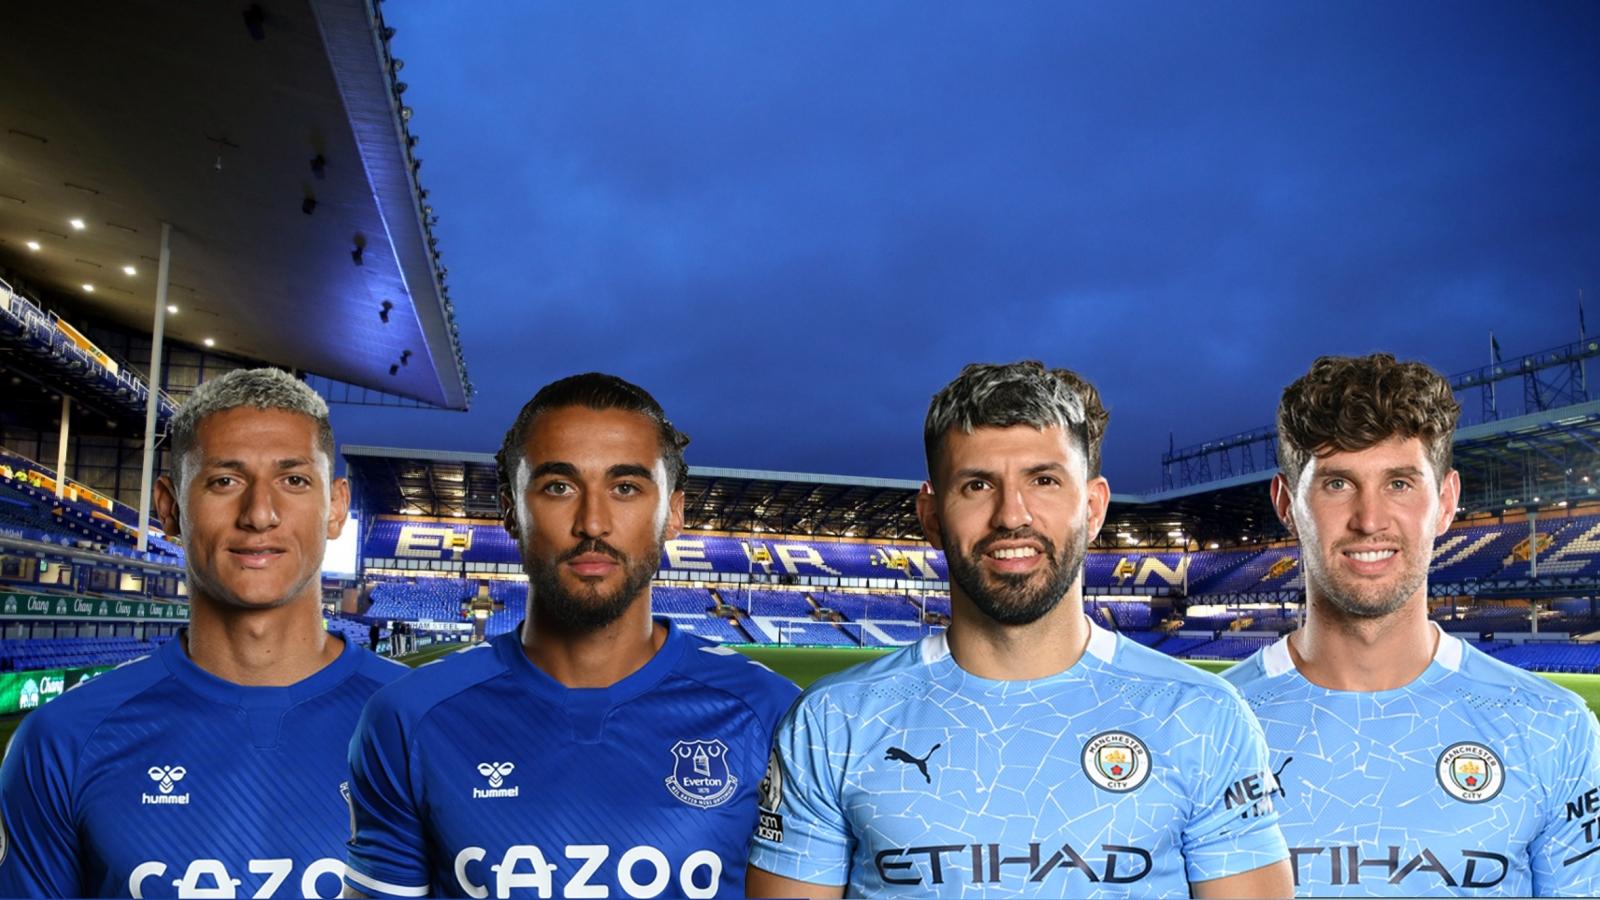 Dự đoán tỷ số, đội hình xuất phát trận Everton - Man City